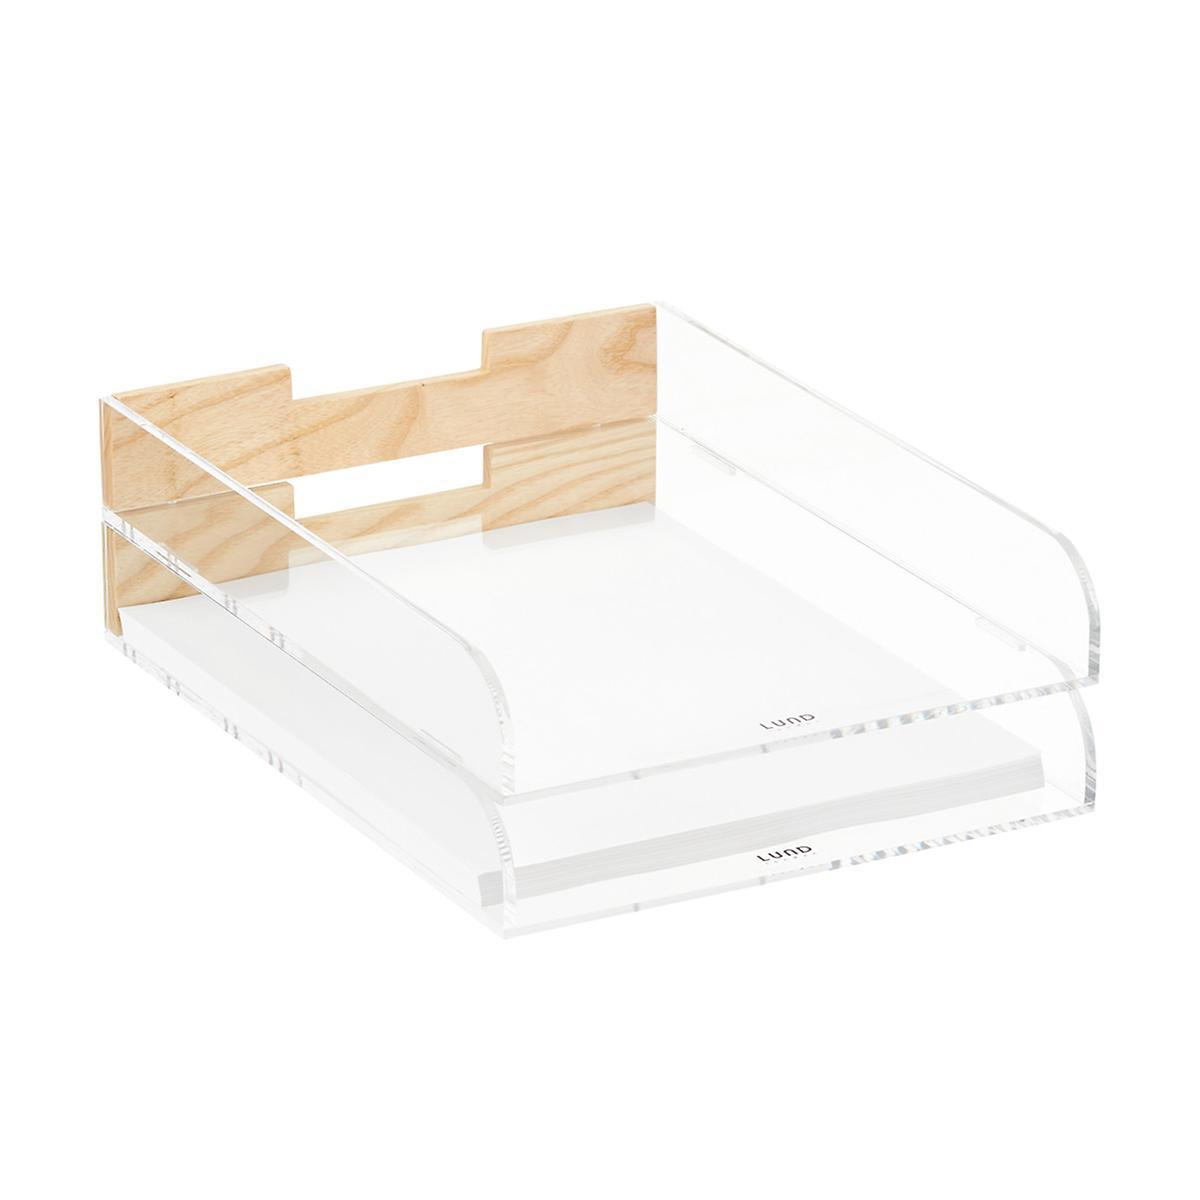 papertray.jpg